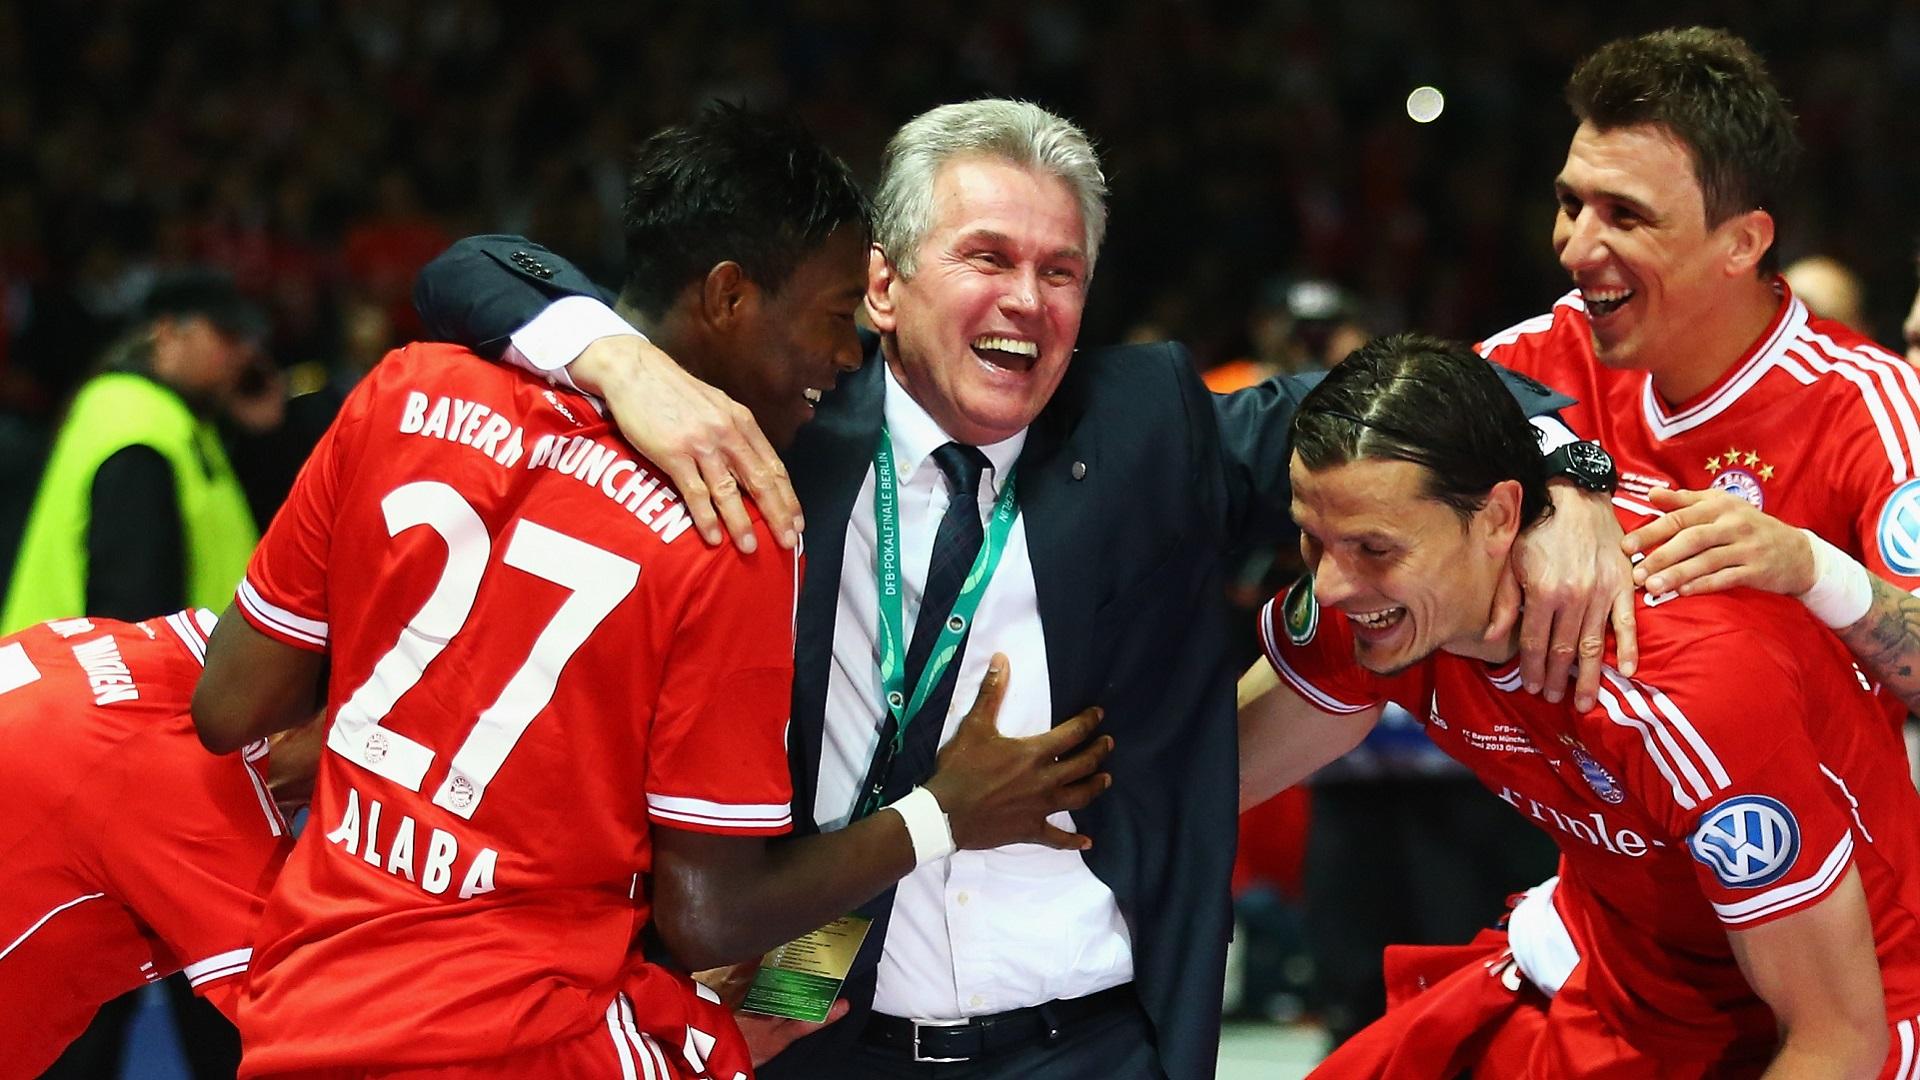 2017-10-05 2013 Heynckes Bayern